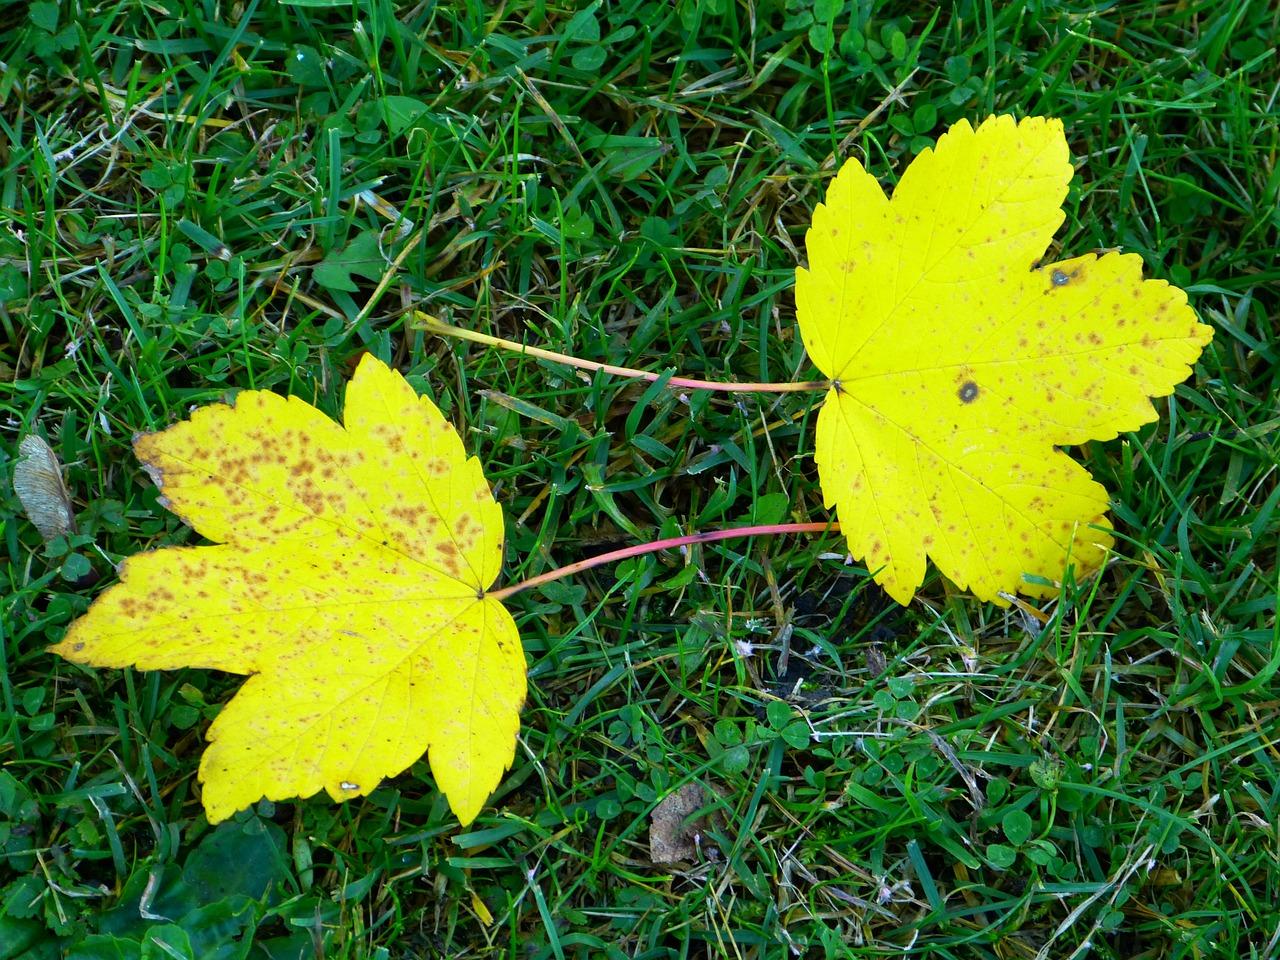 Желтые листья в траве картинки